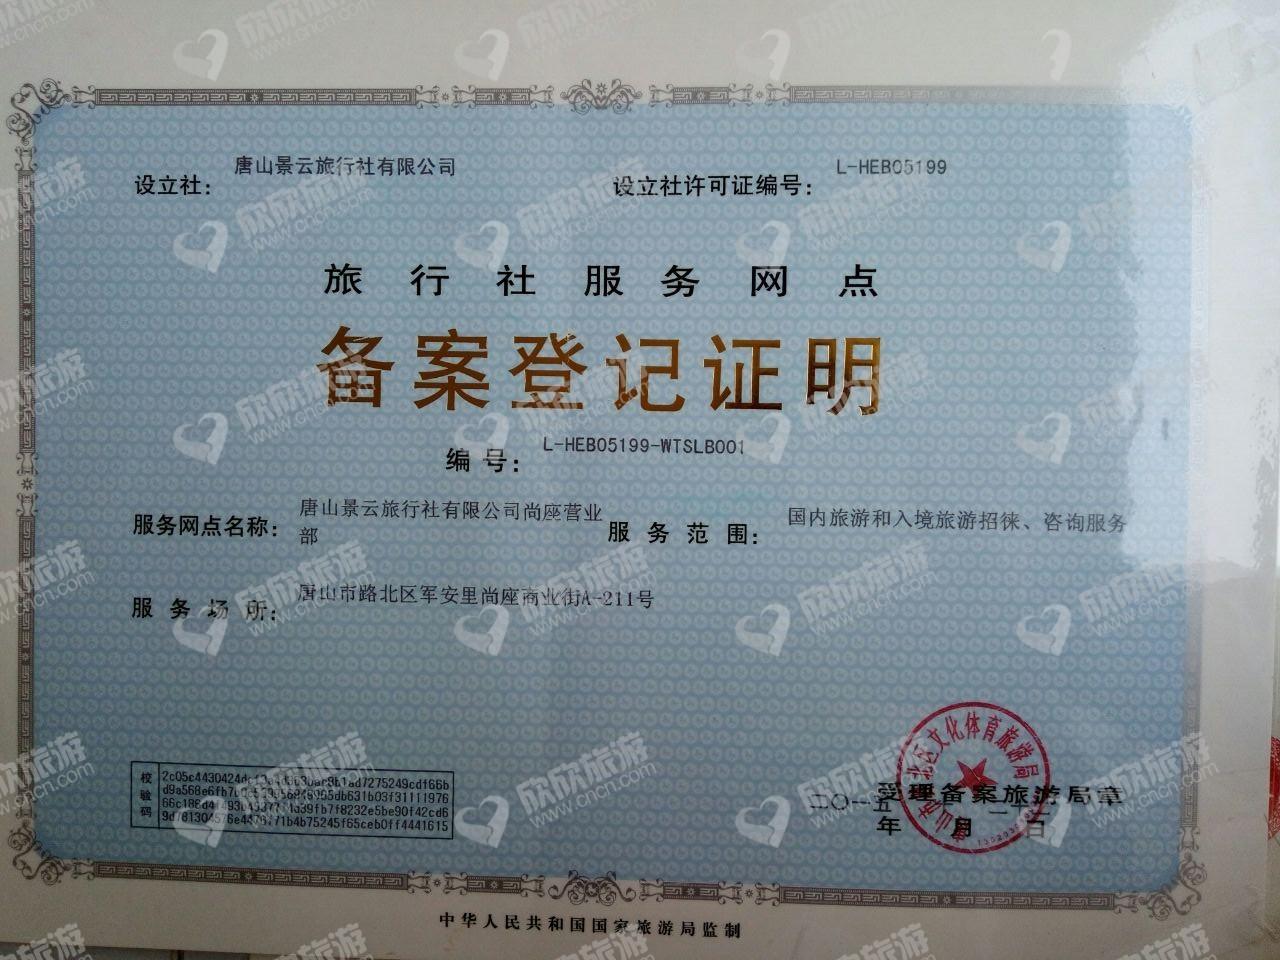 唐山景云旅行社有限公司尚座营业部经营许可证